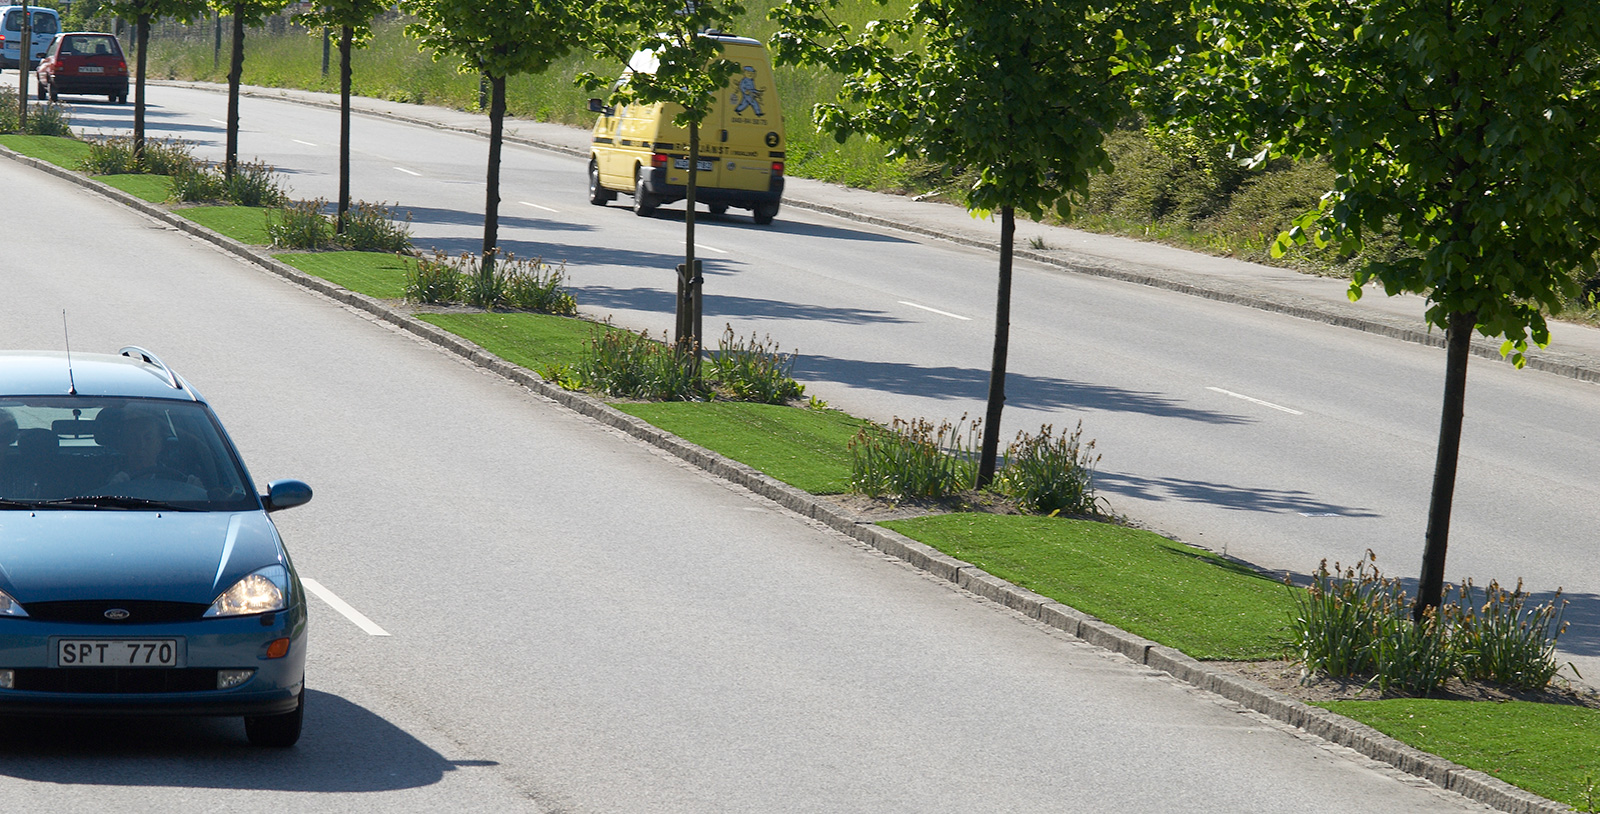 konstgräs trafikmiljöer rondeller refuger unisport